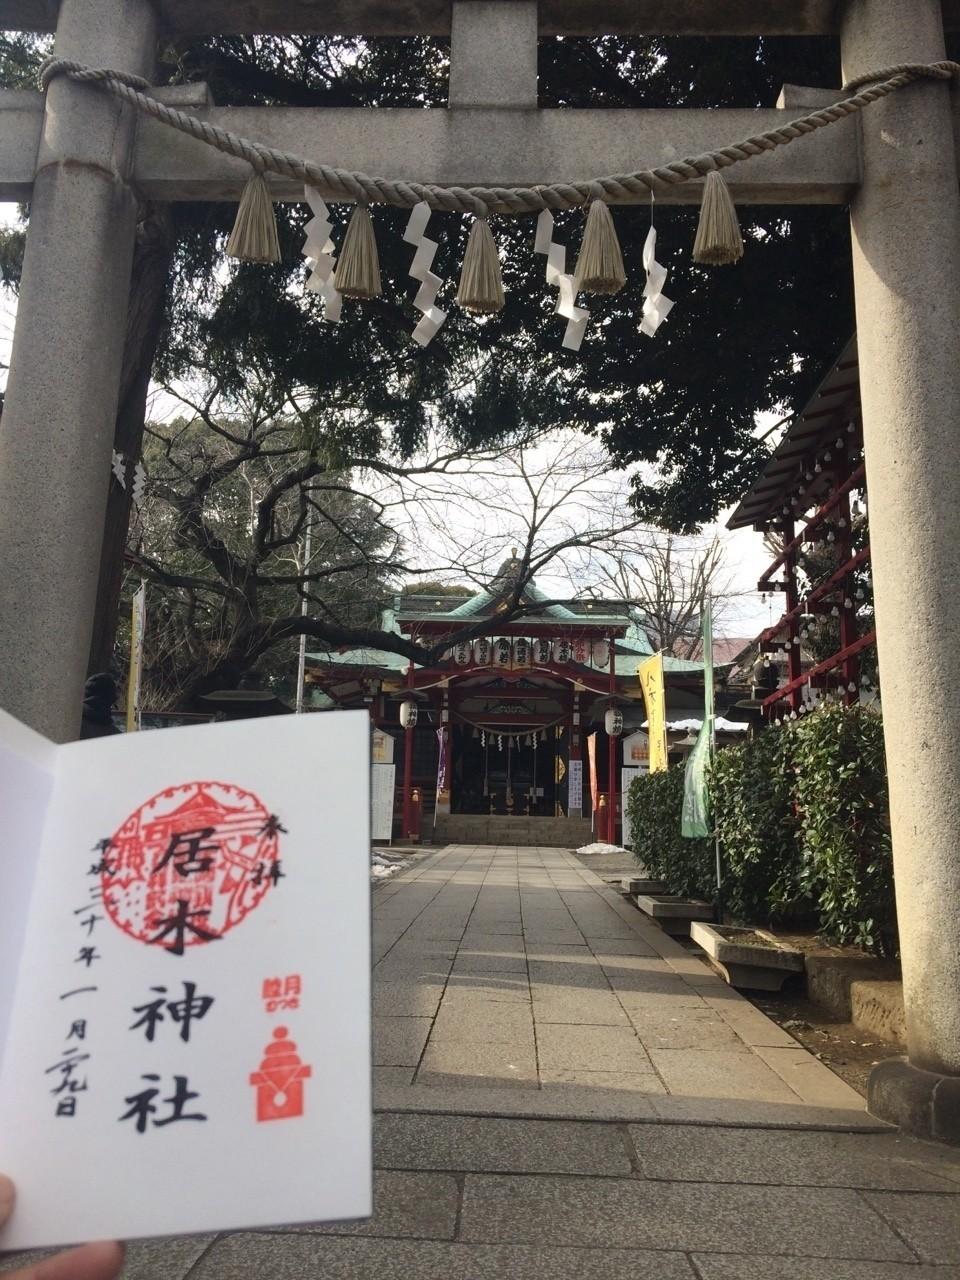 大崎 居木神社 睦月 2018/01/29